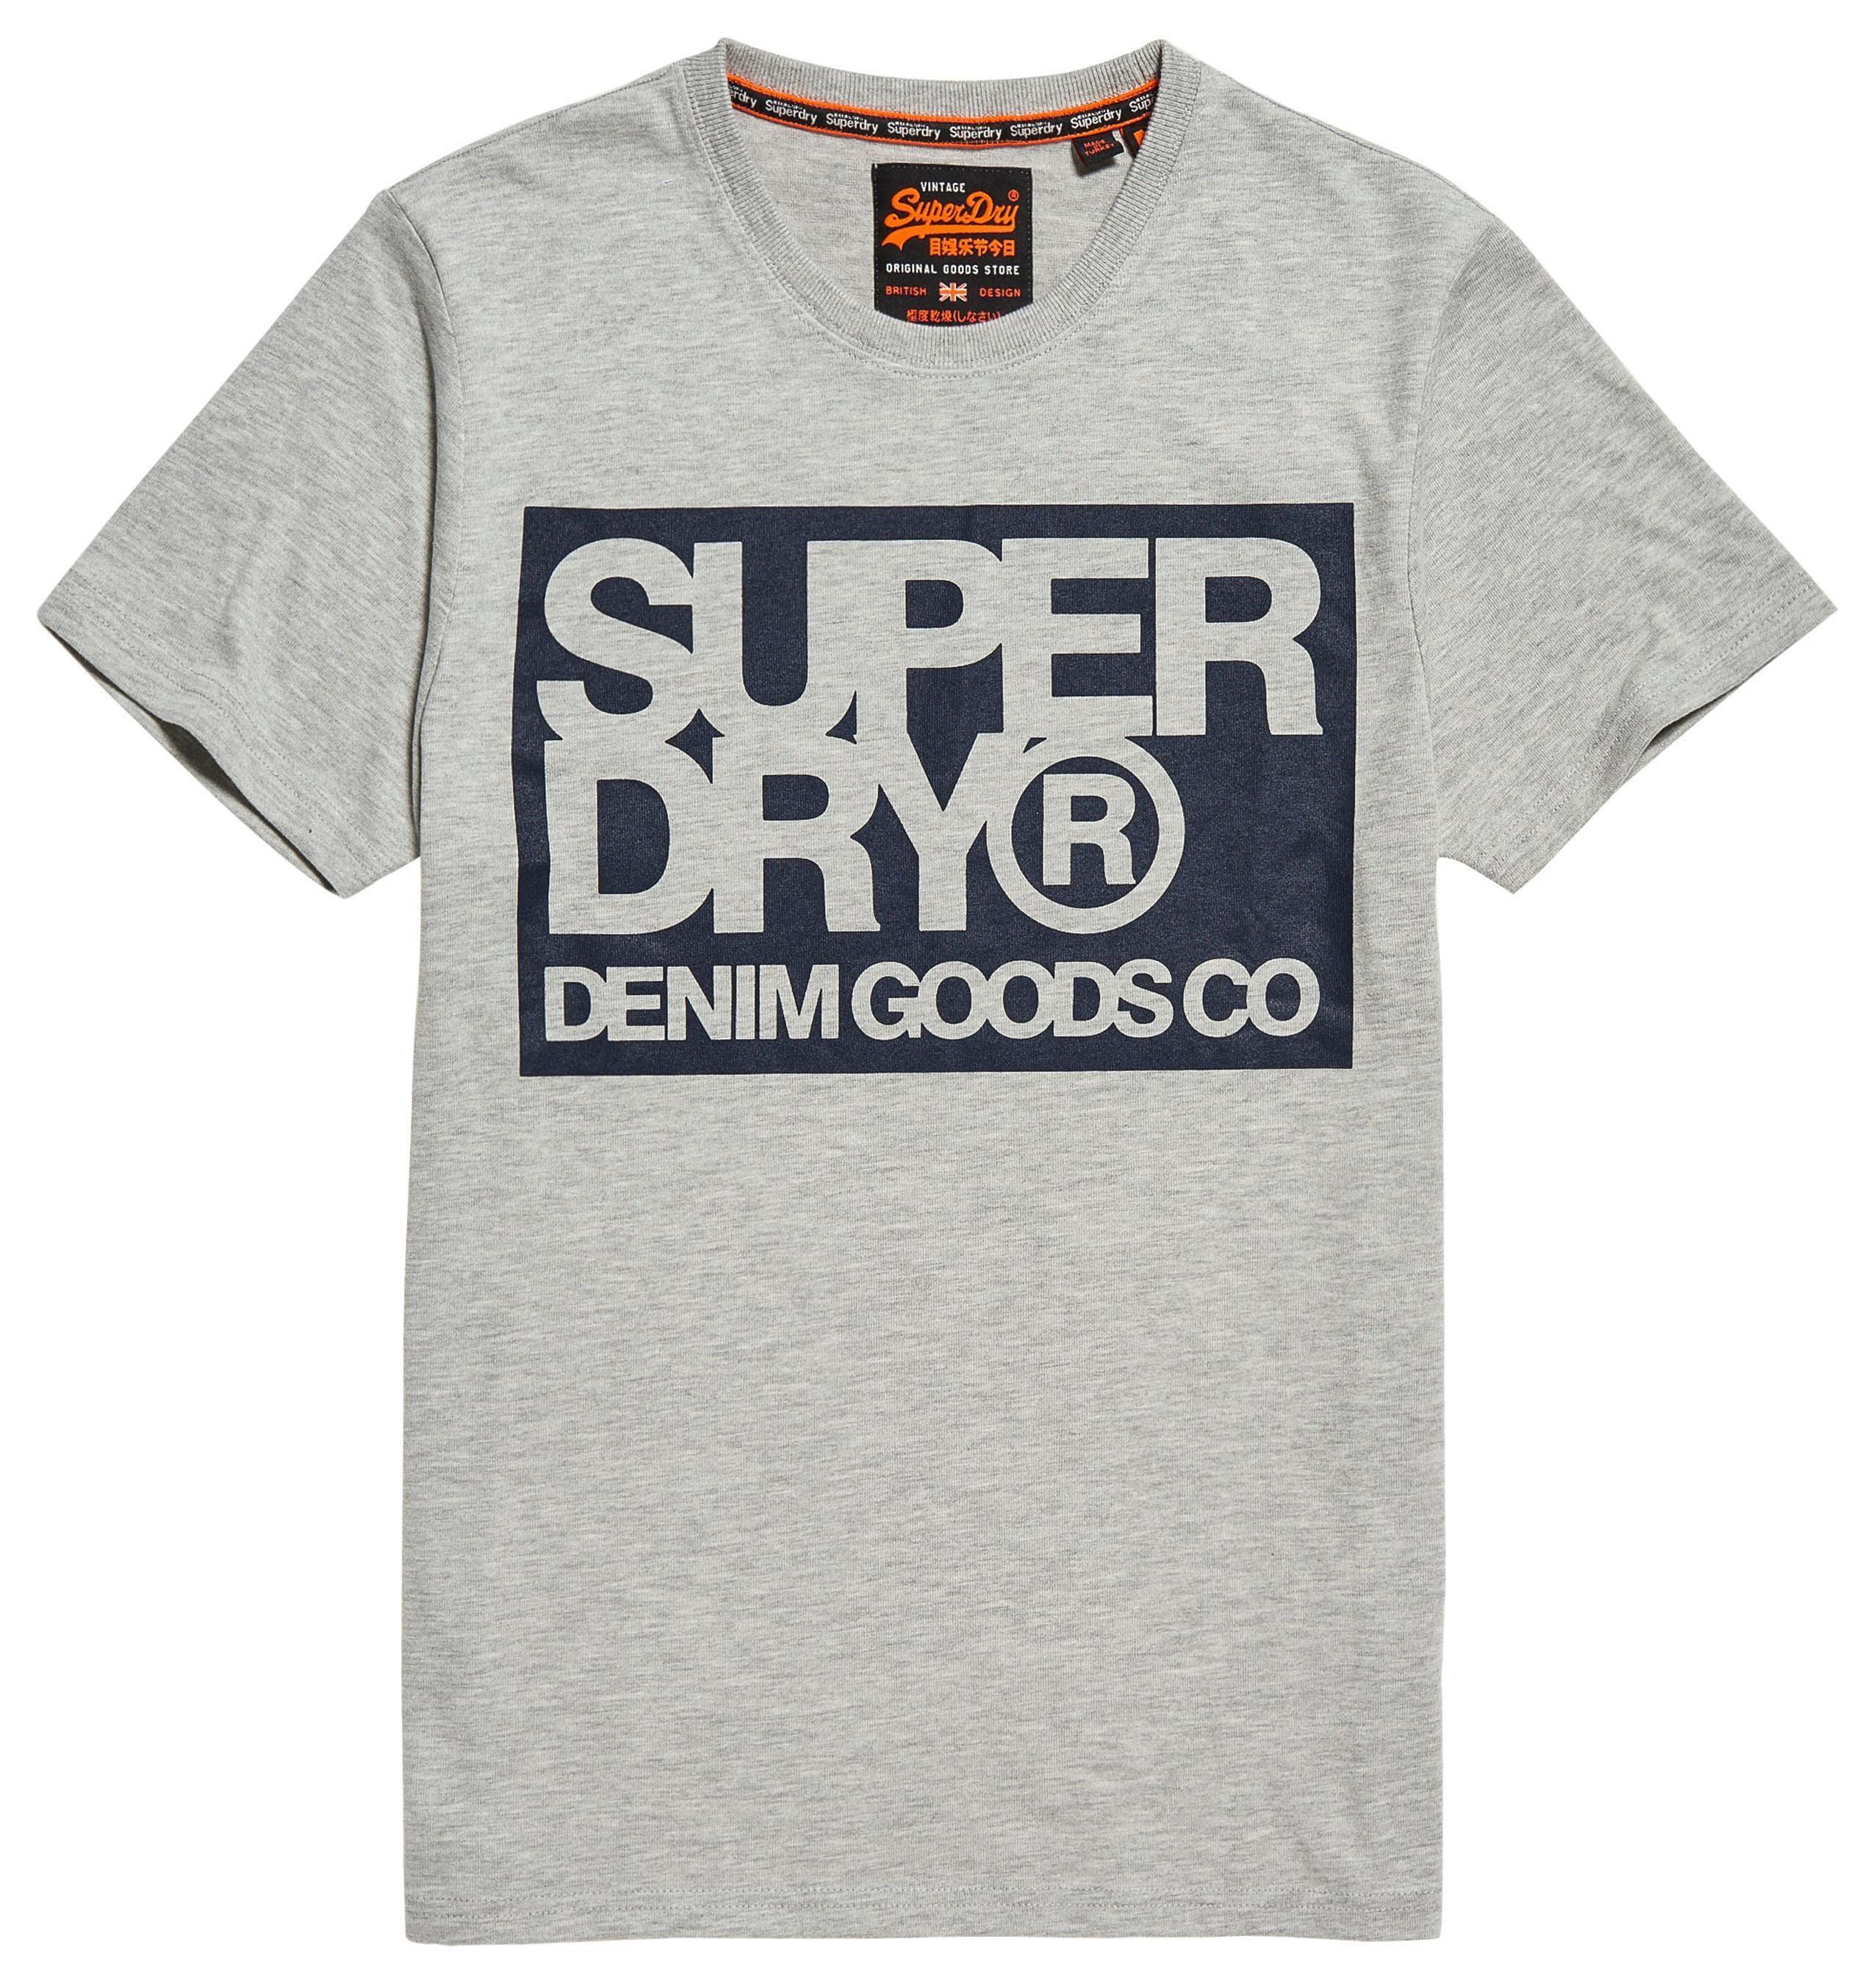 Superdry T Shirt »DENIM GOODS CO TEE« kaufen | OTTO